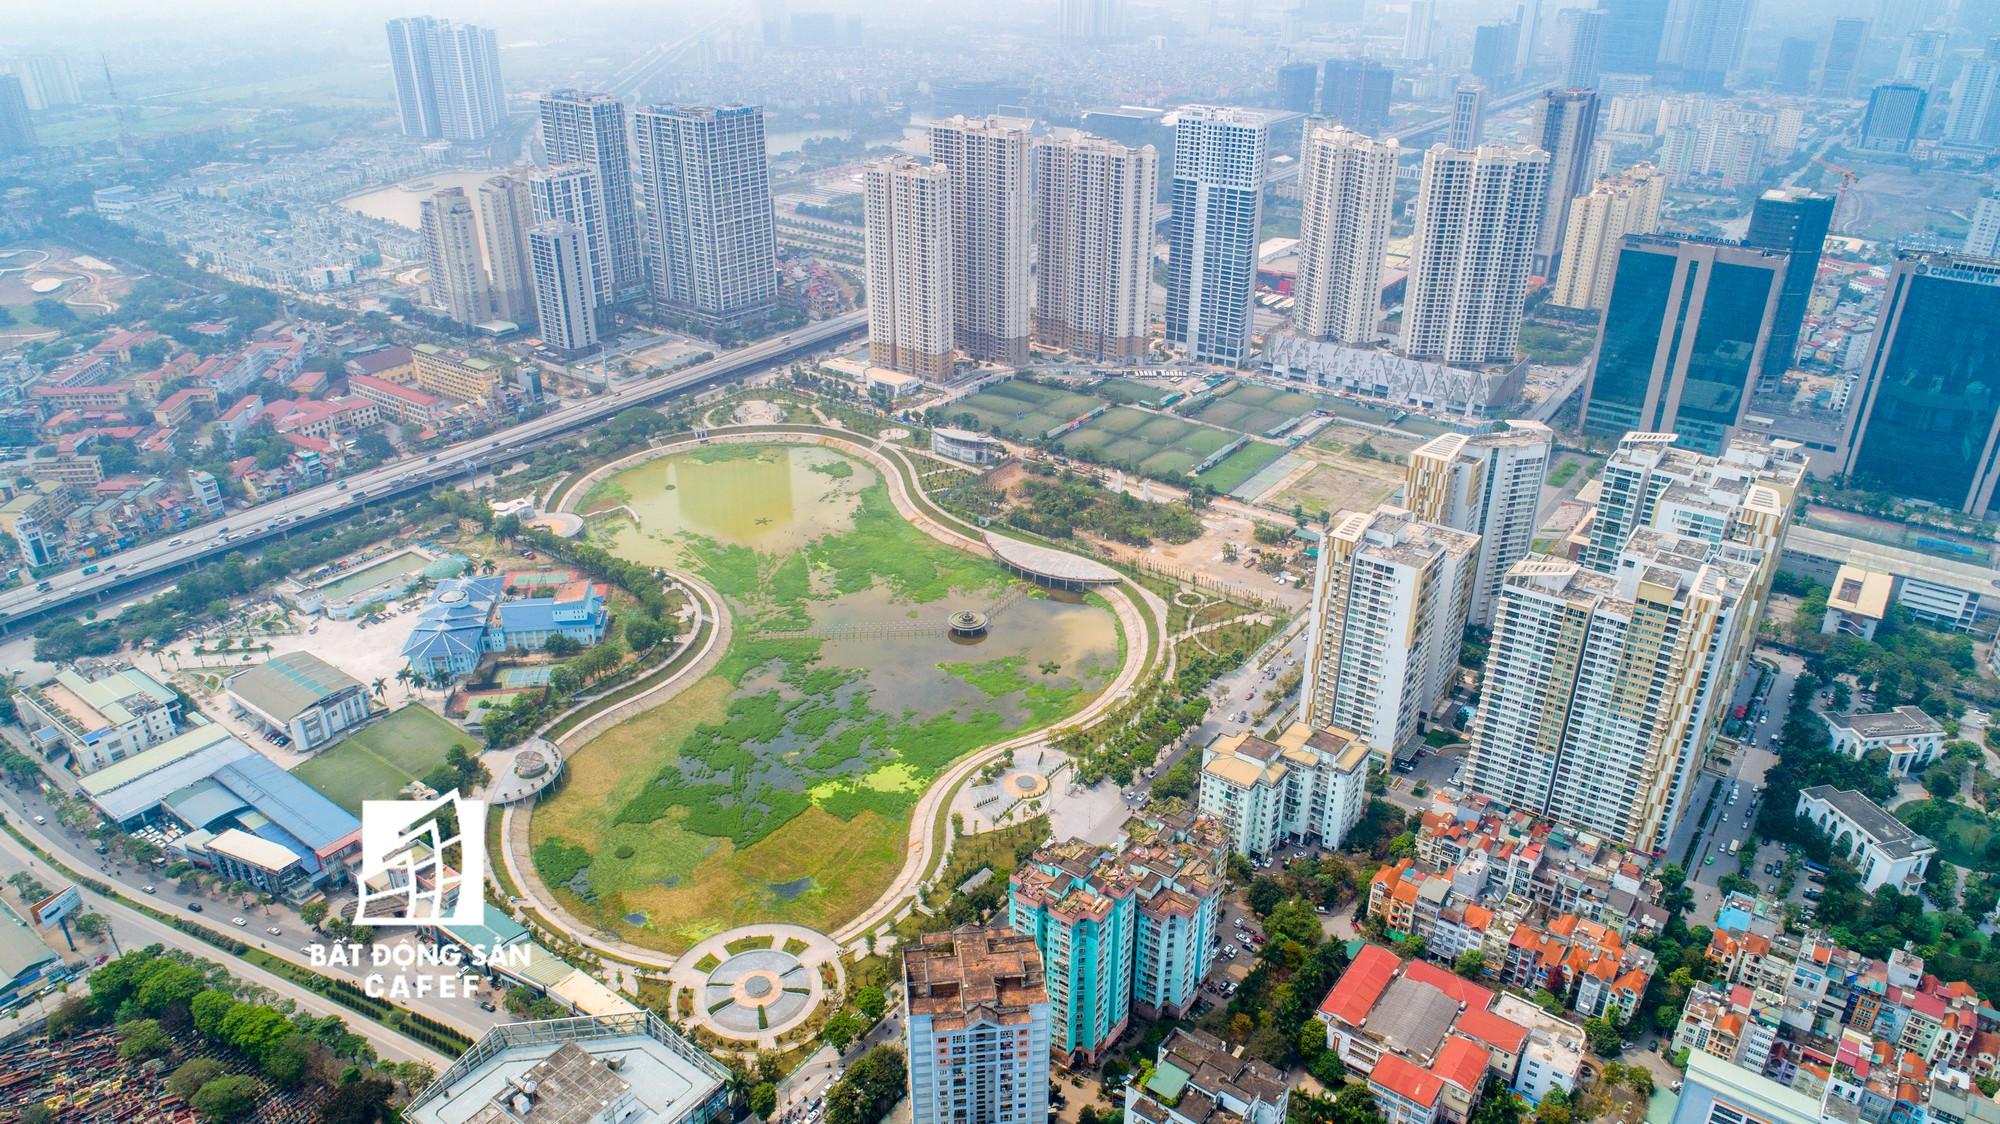 Toàn cảnh rừng cao ốc đang bóp nghẹt khu đô thị kiểu mẫu bậc nhất Hà Nội - Ảnh 6.